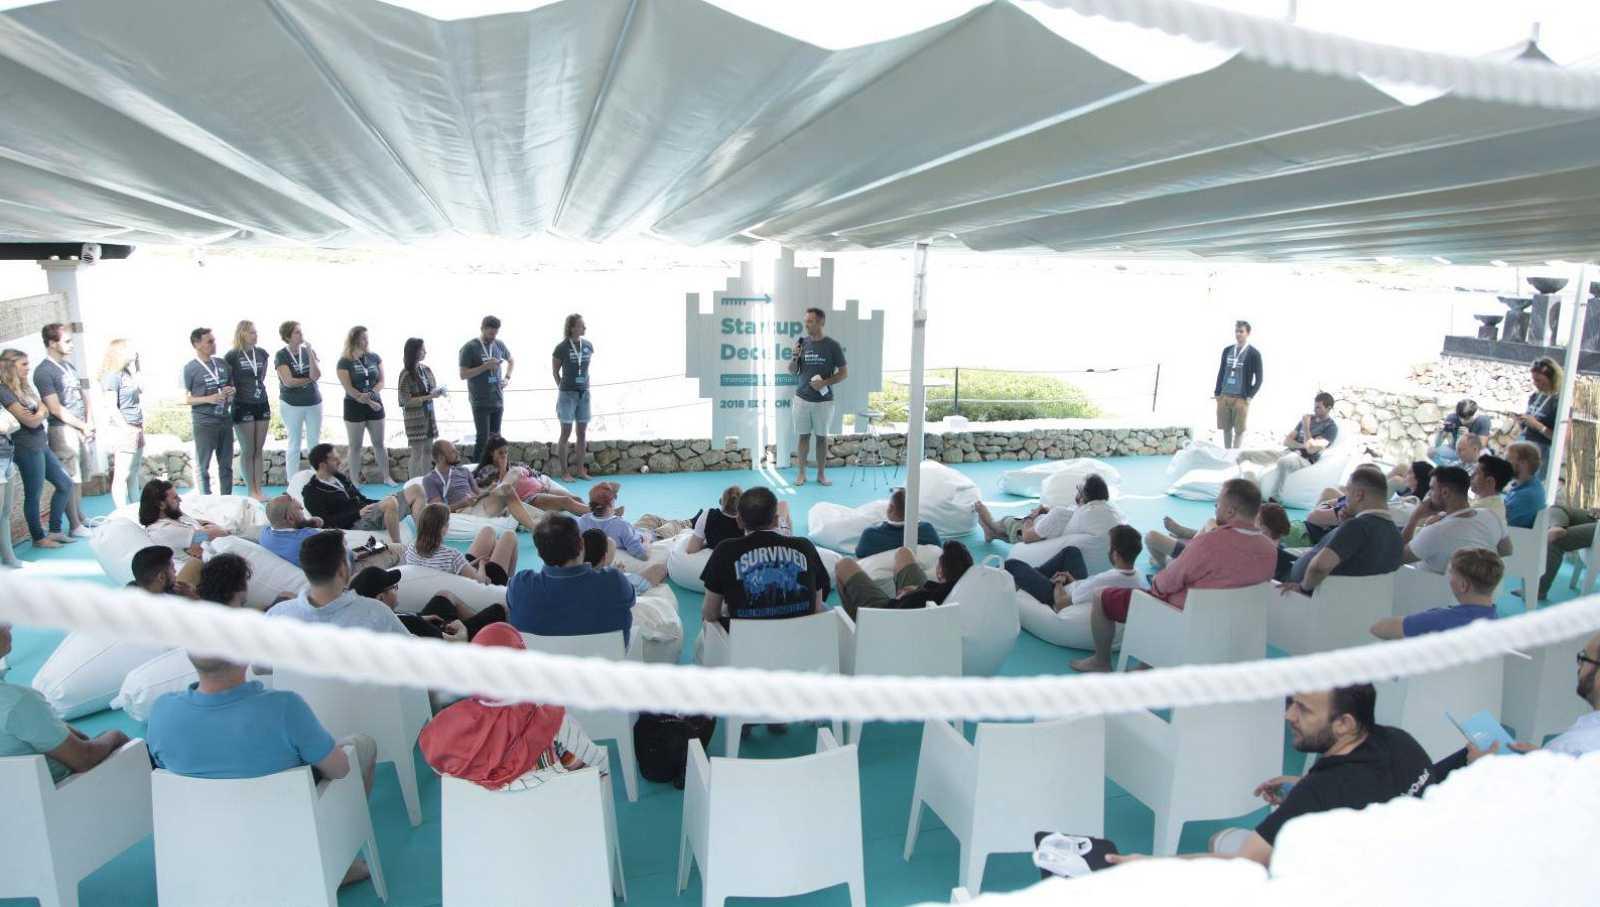 Marca España - 30 empresas de 17 países se 'desaceleran' en Menorca - escuchar ahora